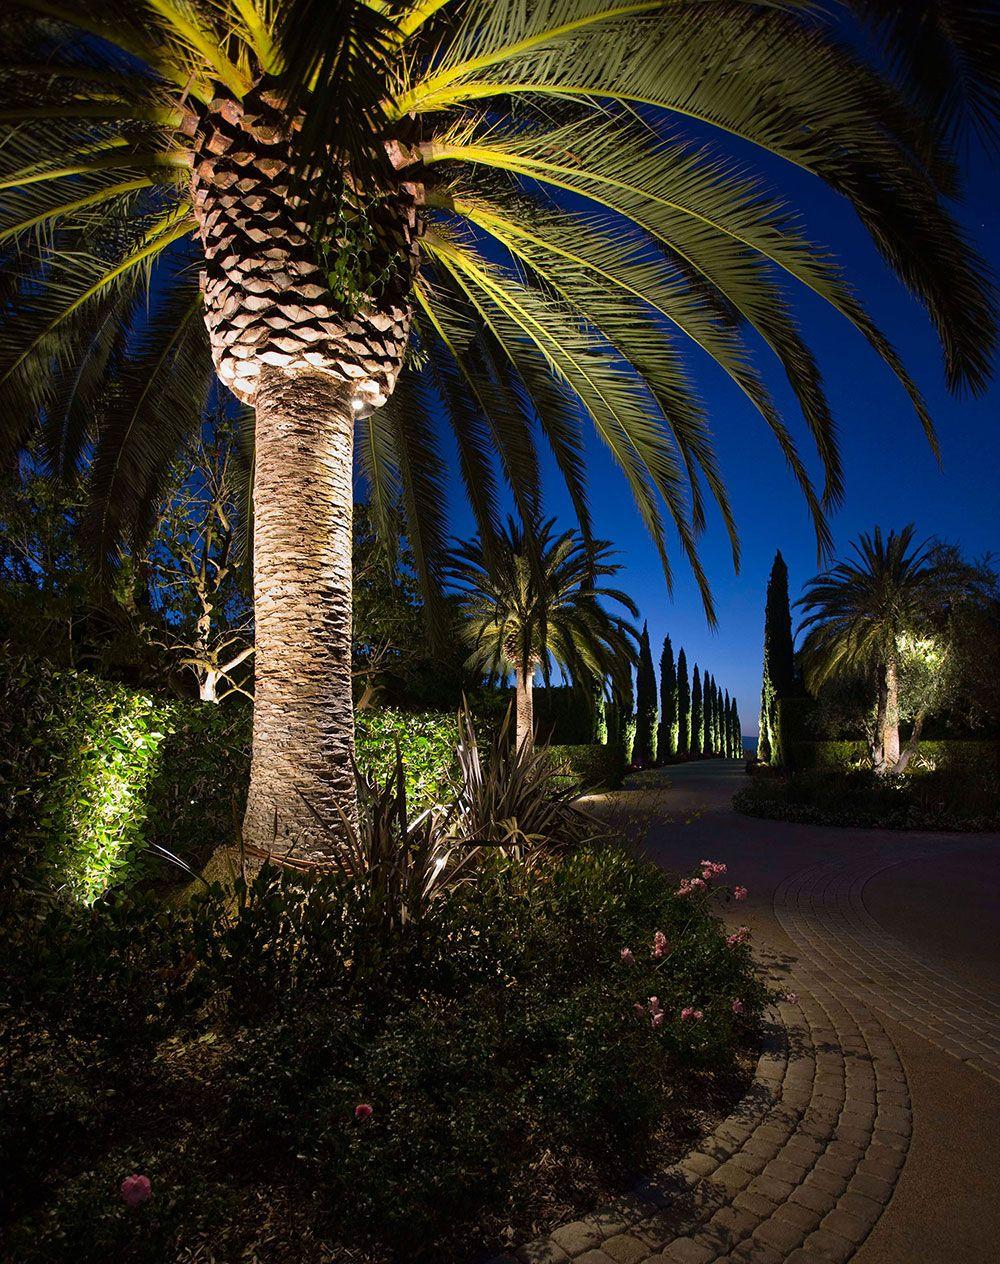 Kichler Landscape Light Focal Points- Tropical Focus | My dream ...